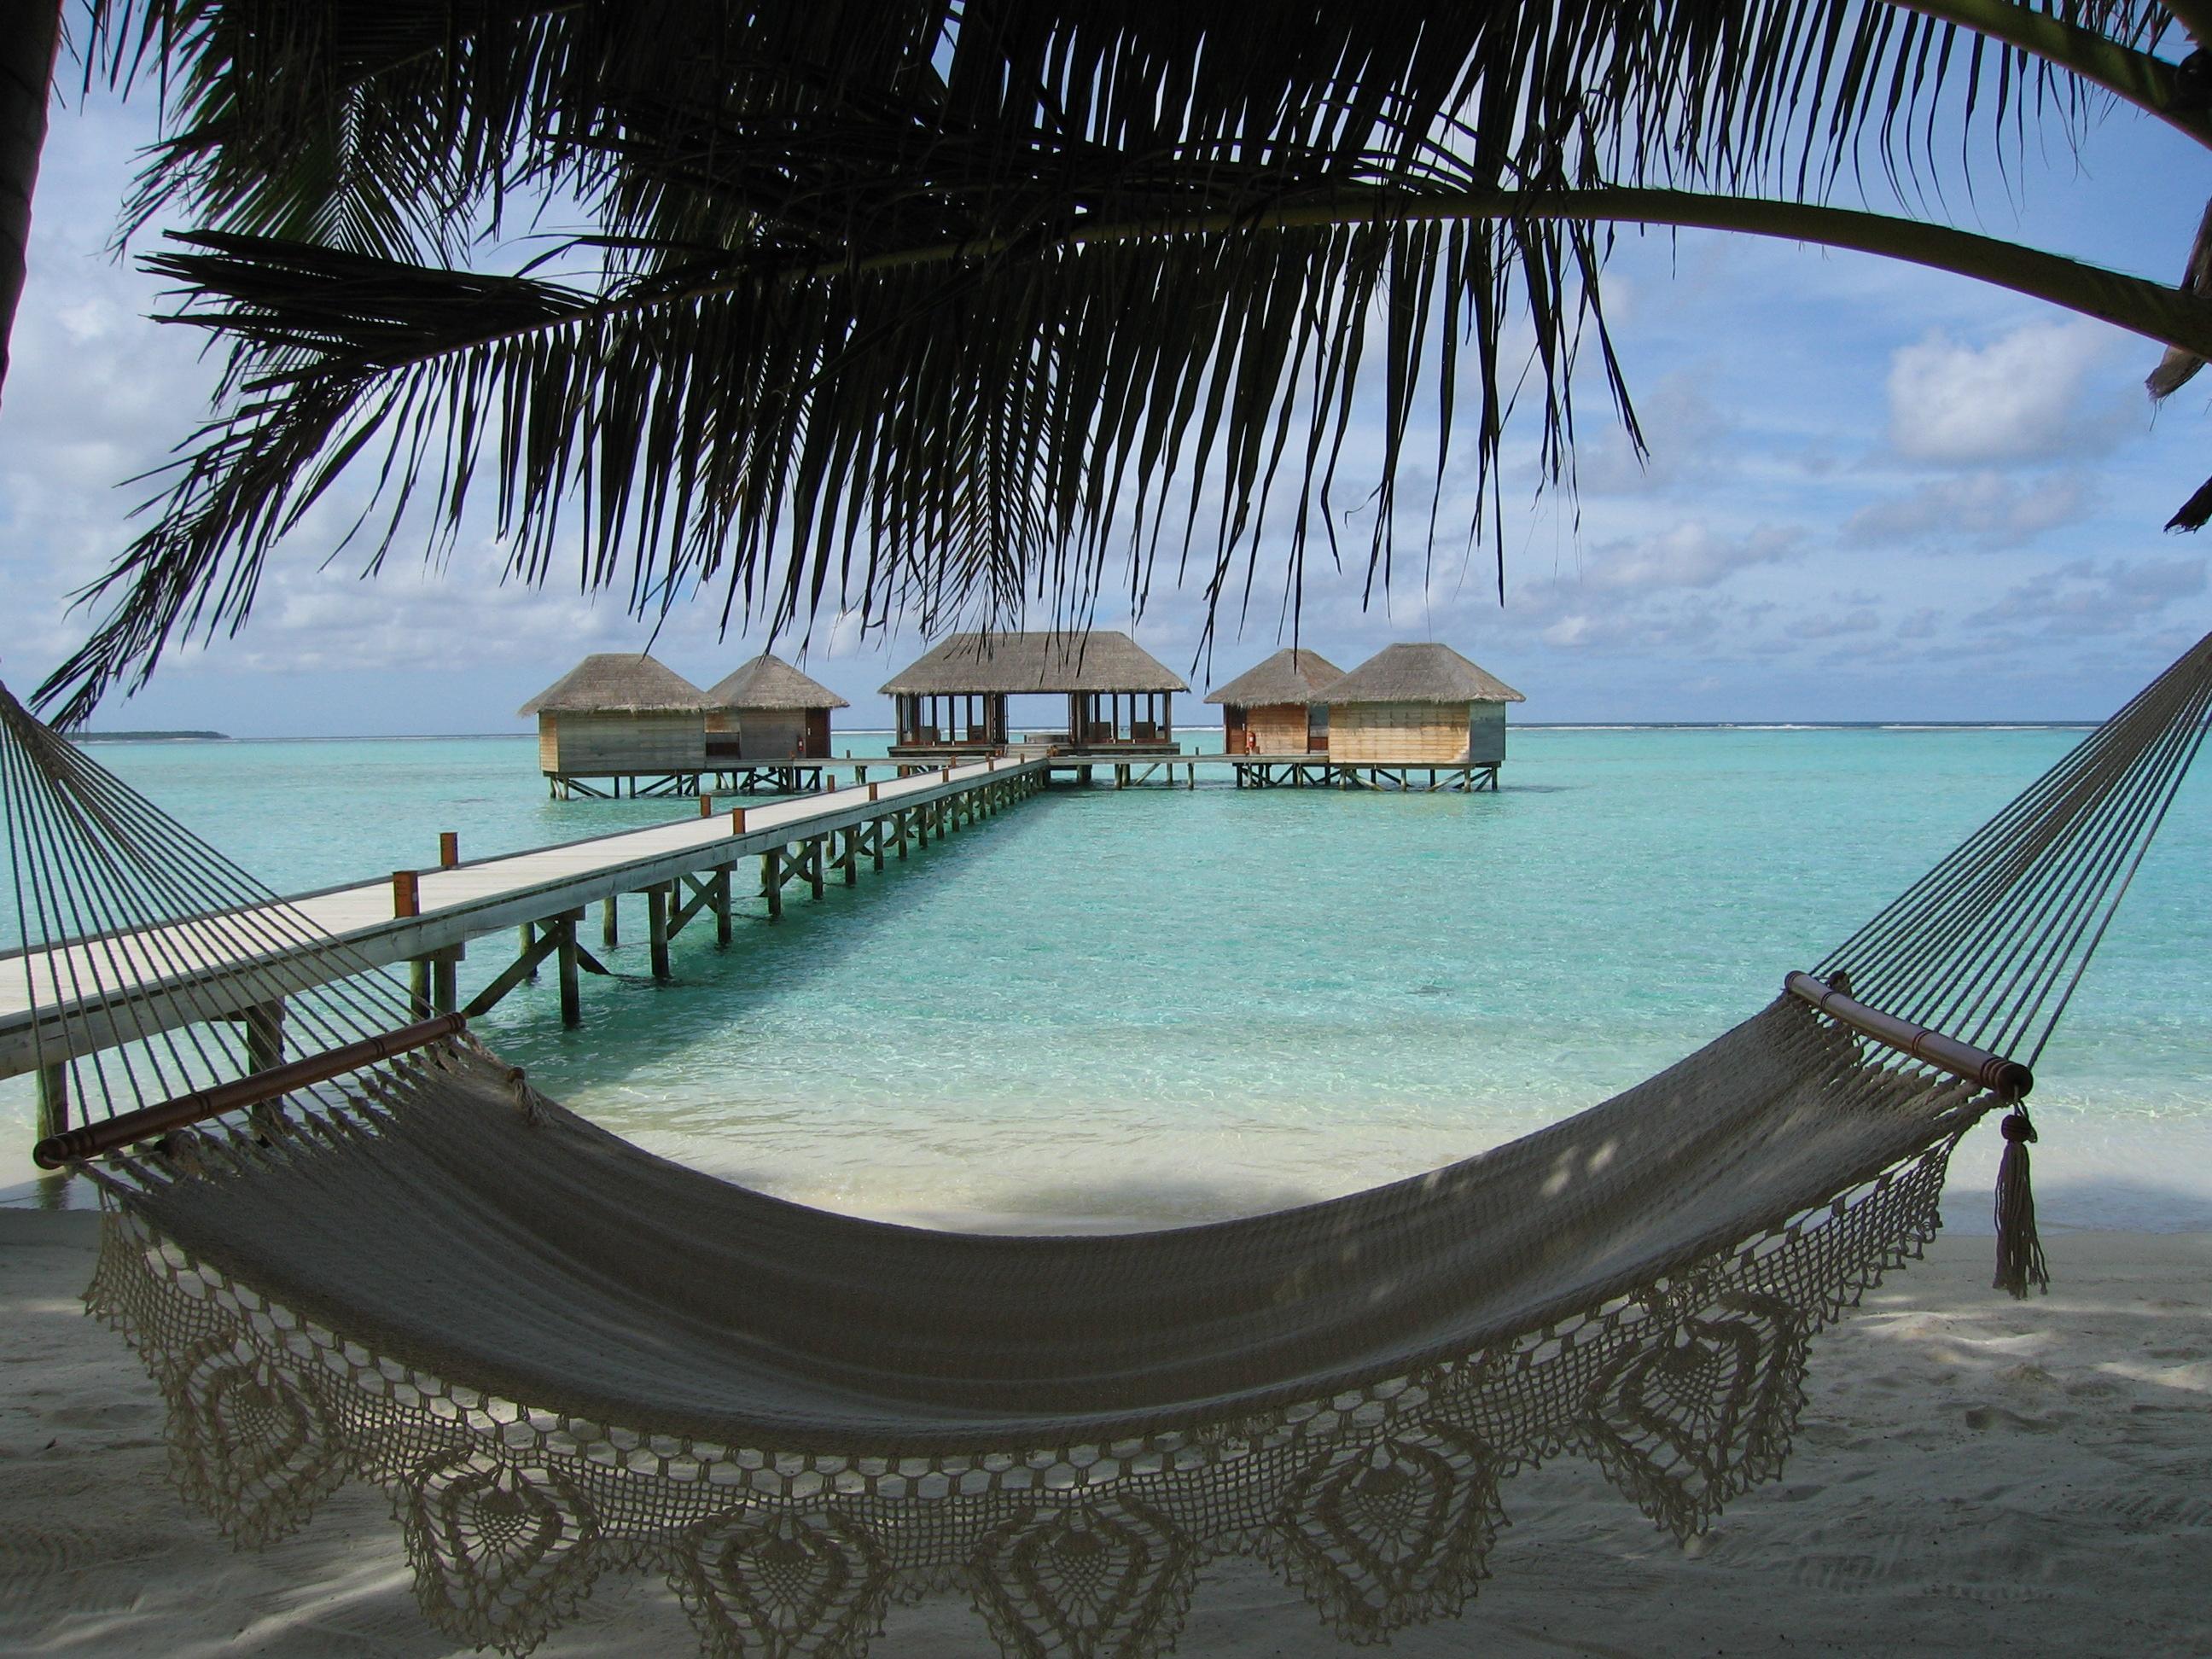 Séjourner aux Maldives